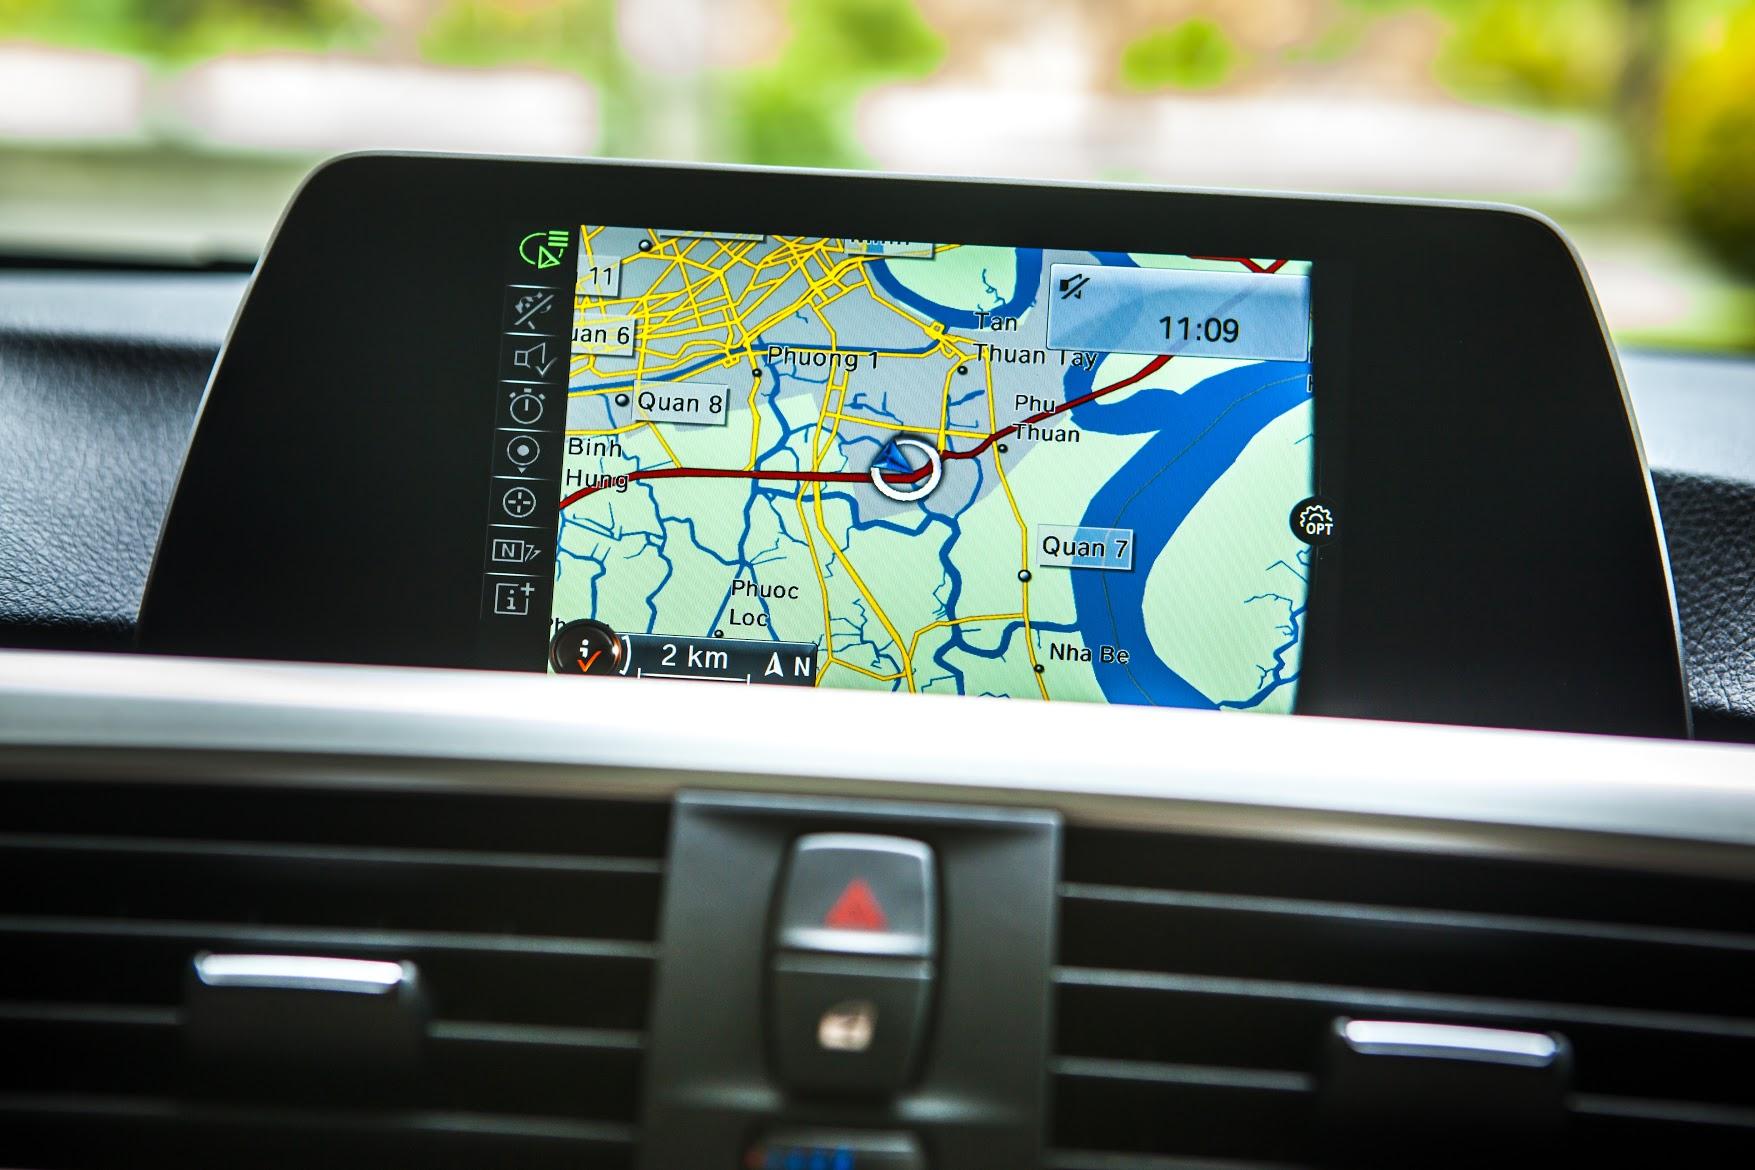 Hệ thống dẫn đường chuyên nghiệp Business Navigation System lần đầu tiên được thiết lập cho BMW 320i phiên bản 100 năm tại Việt Nam